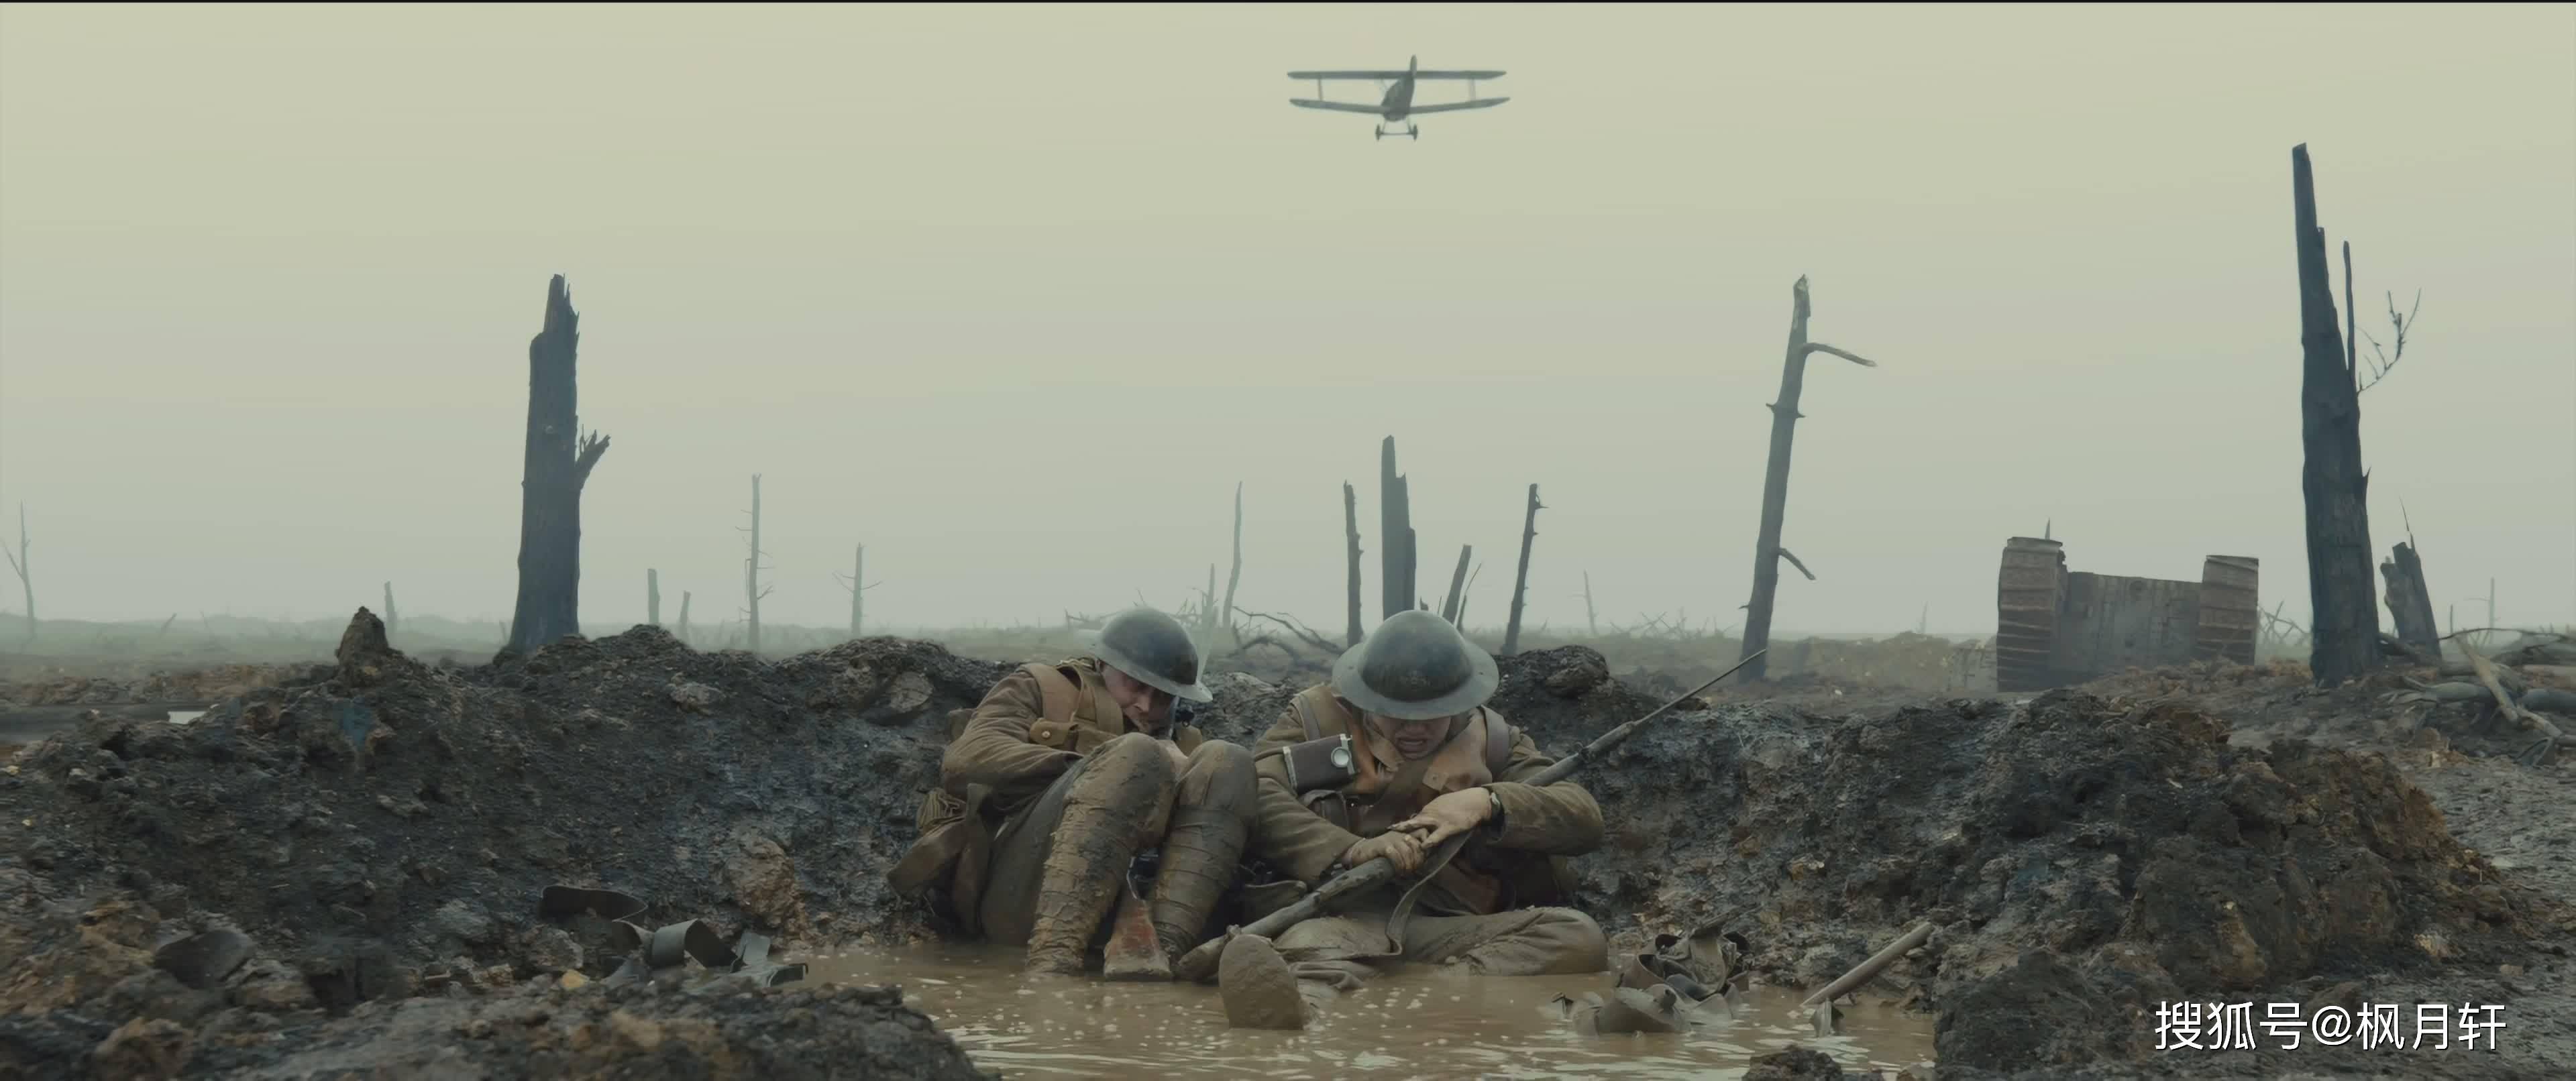 整个过程漫长 很多细节带我们走进了真实的战场 获得了很多奖项 影视剧《1917》